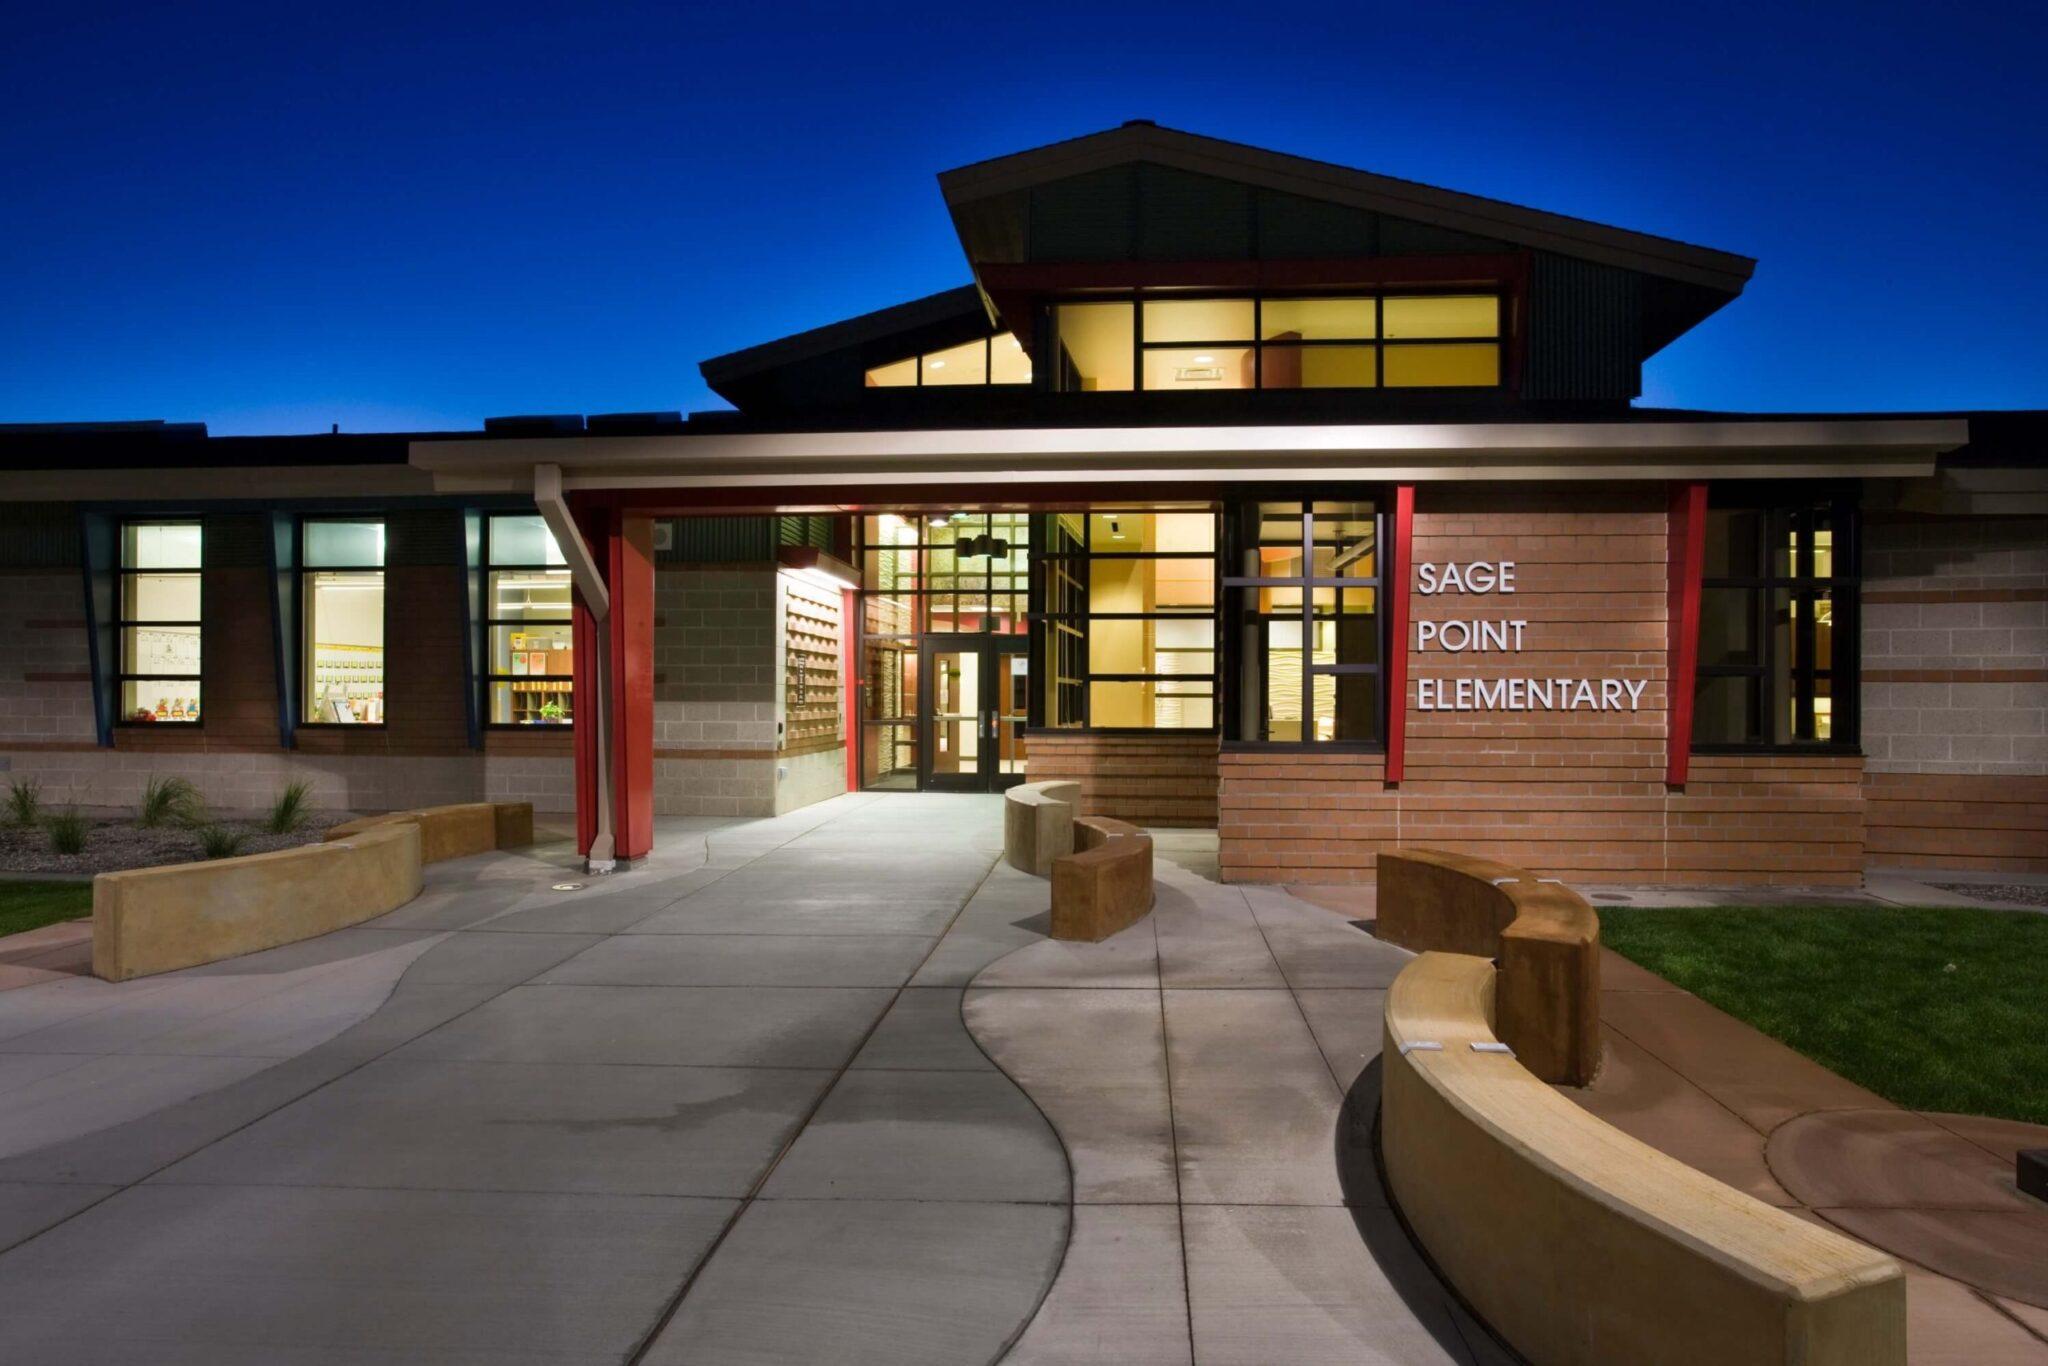 Sage Point Elementary School